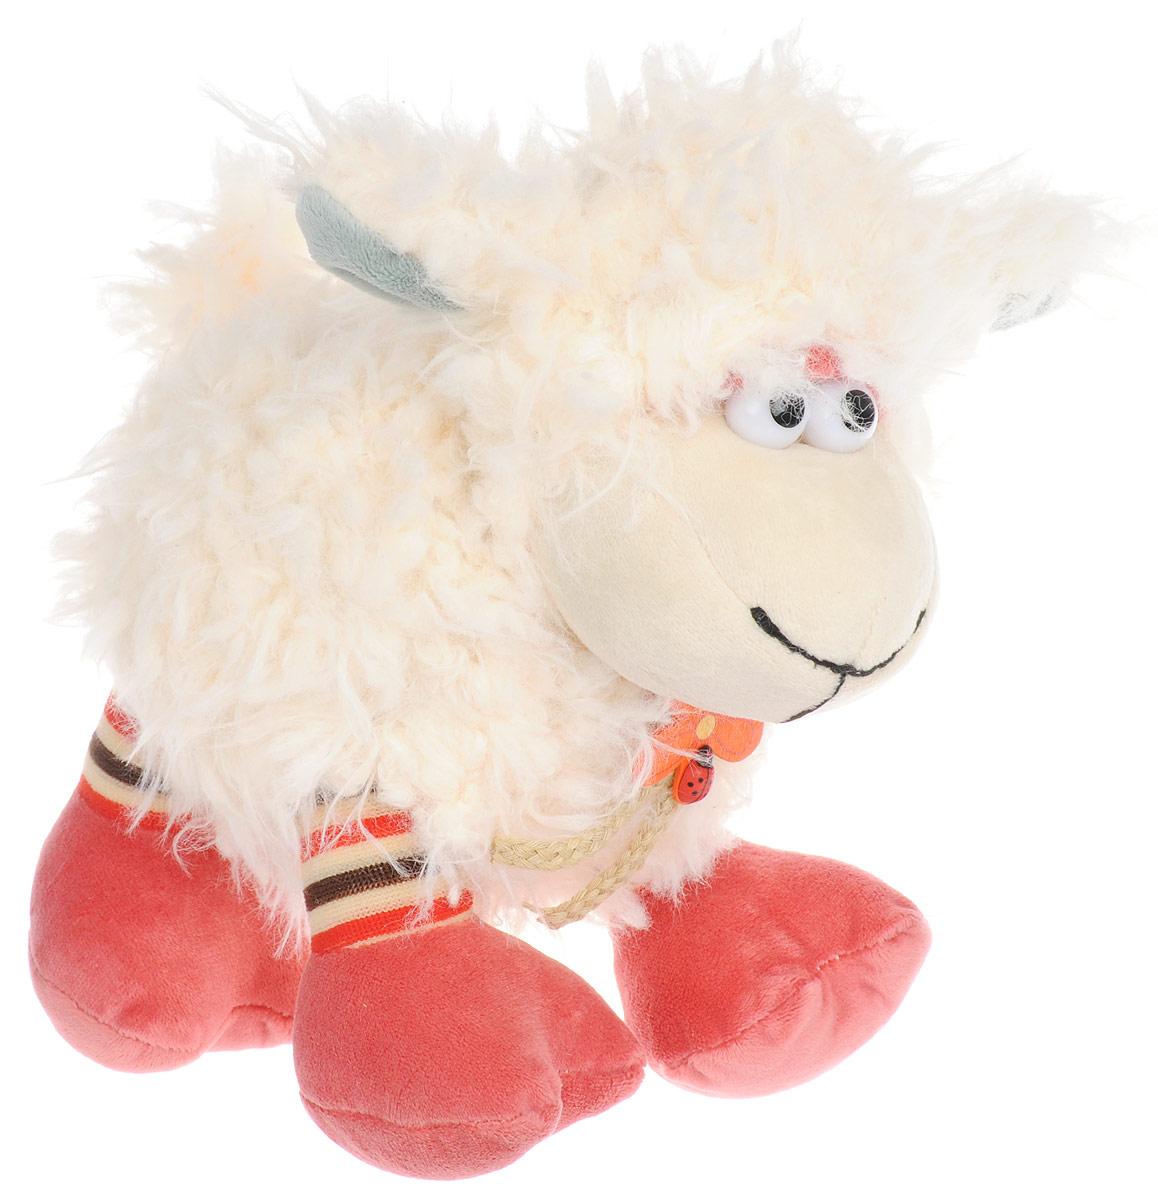 картинка игрушка овца